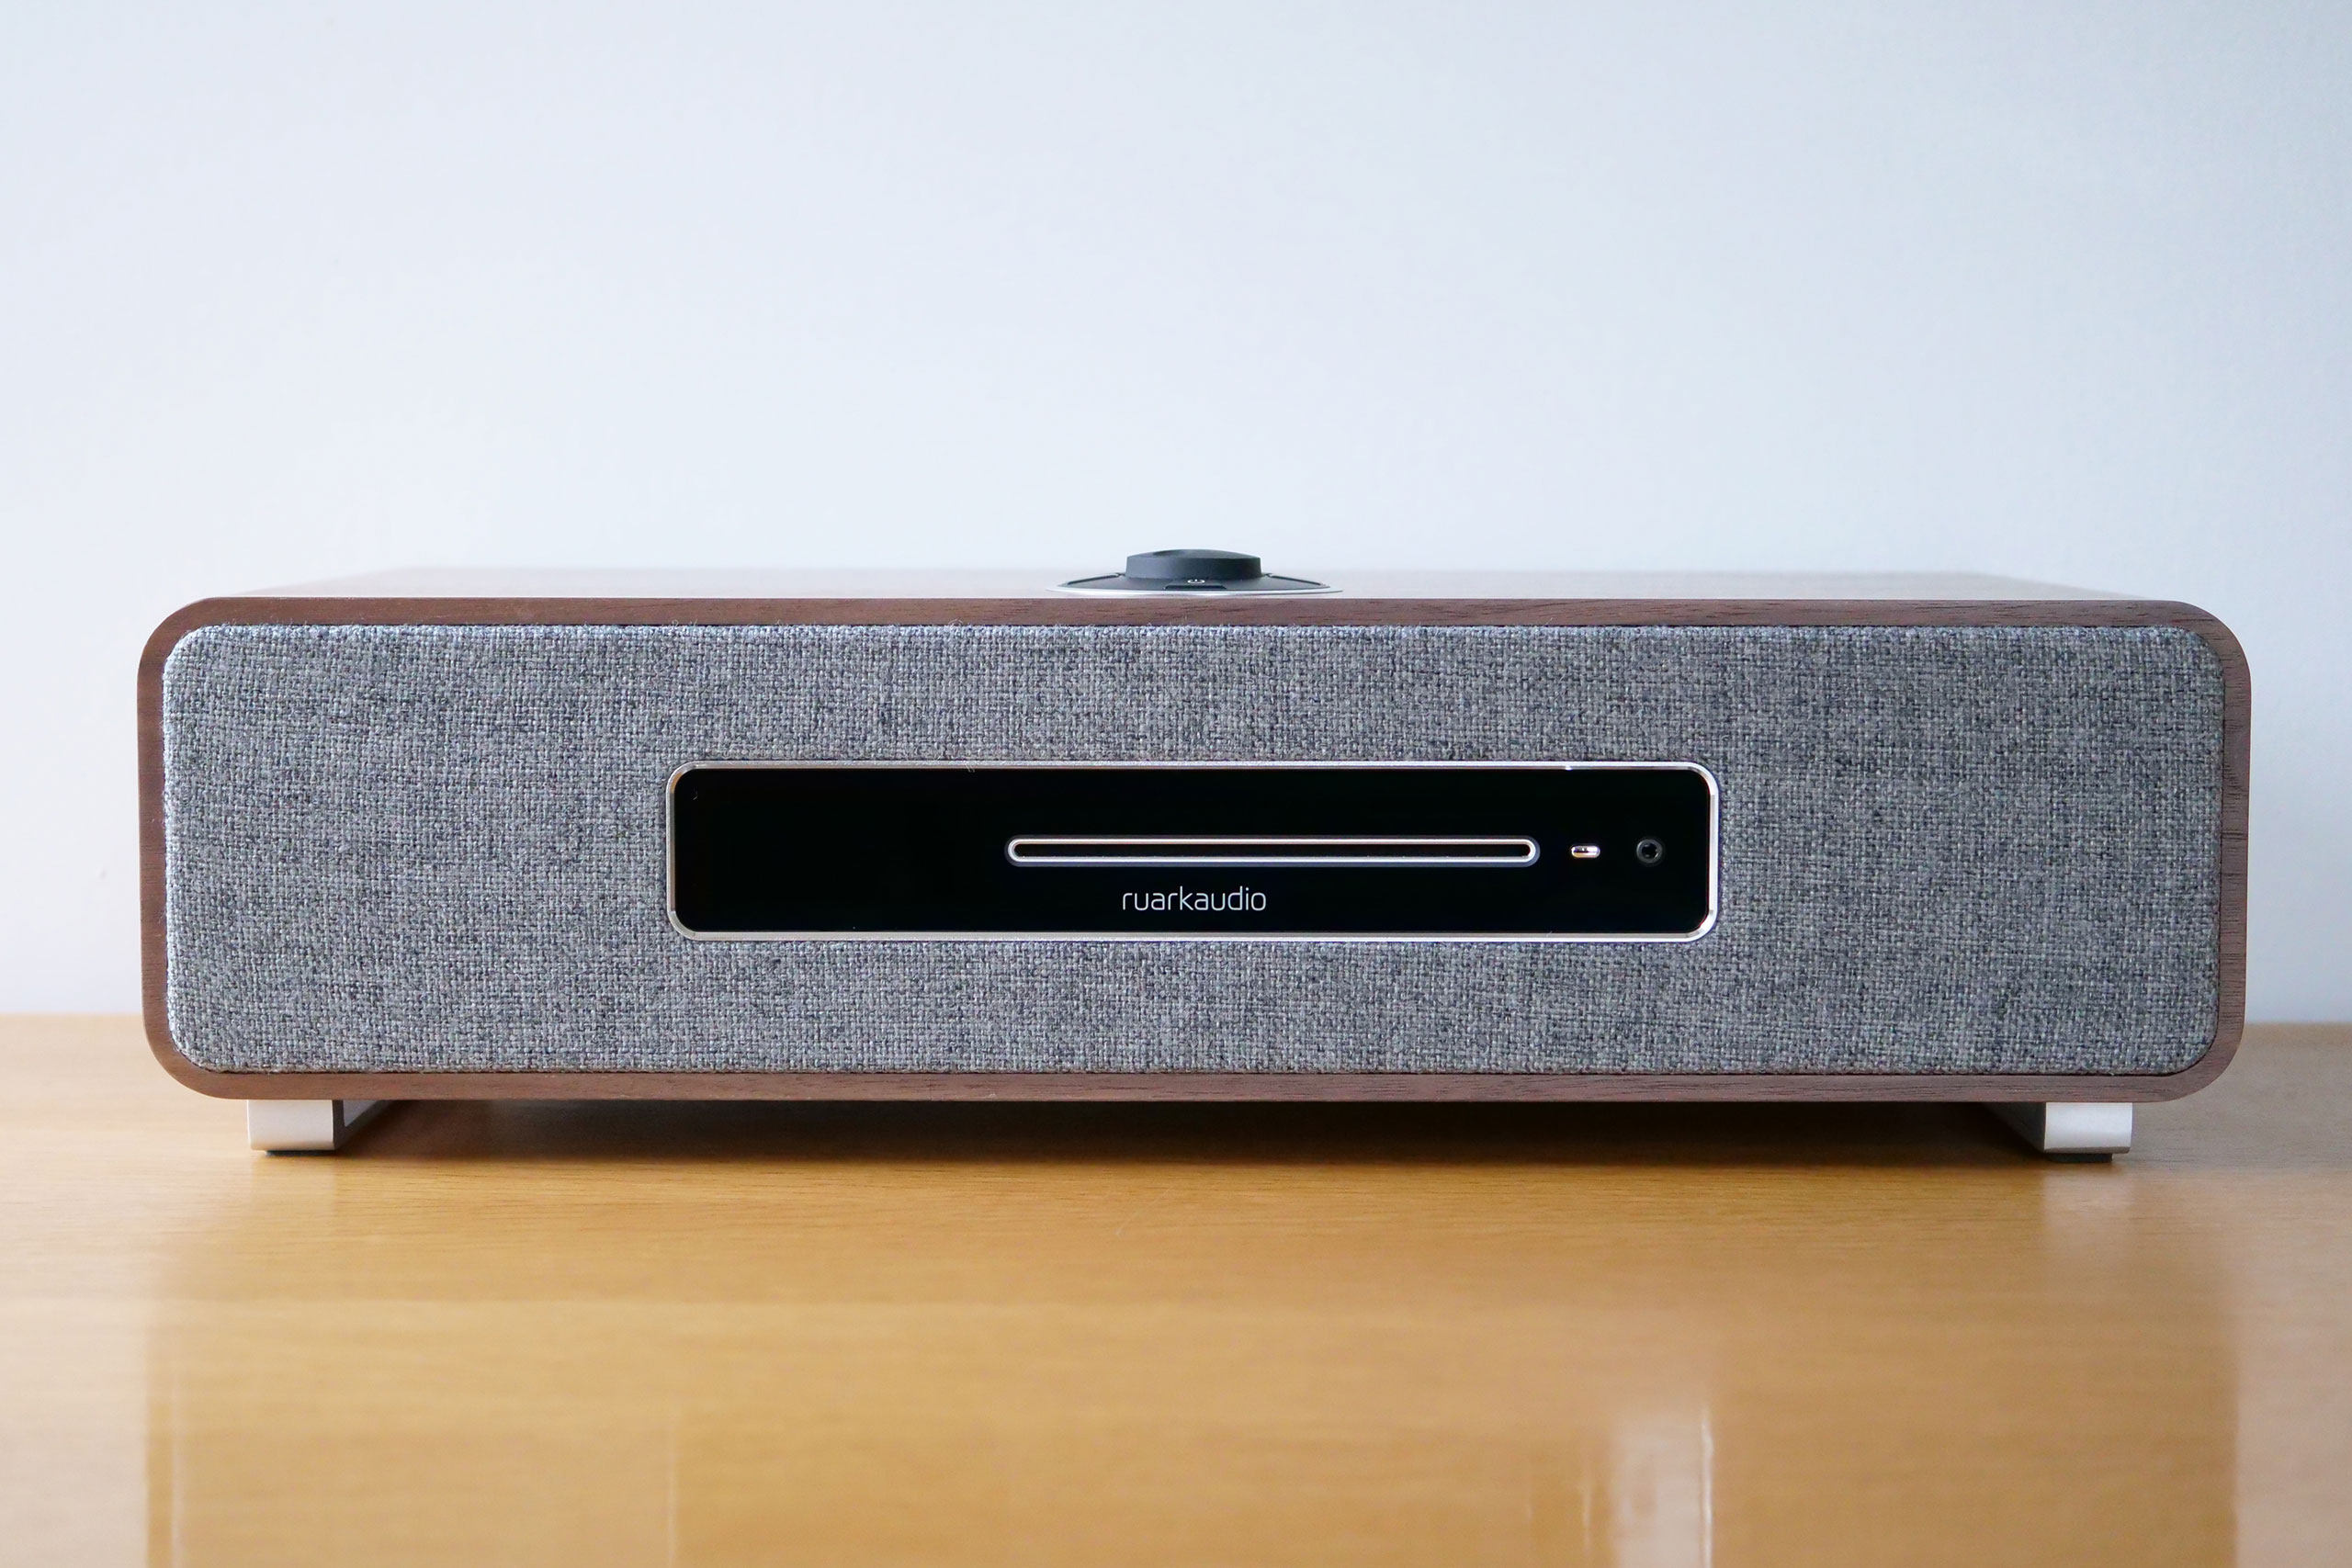 Test de la Ruark Audio R5 : la mini-chaîne HiFi stéréo tout-en-un FM/DAB/Internet avec lecteur CD et services de streaming, capable de remplacer des éléments séparés